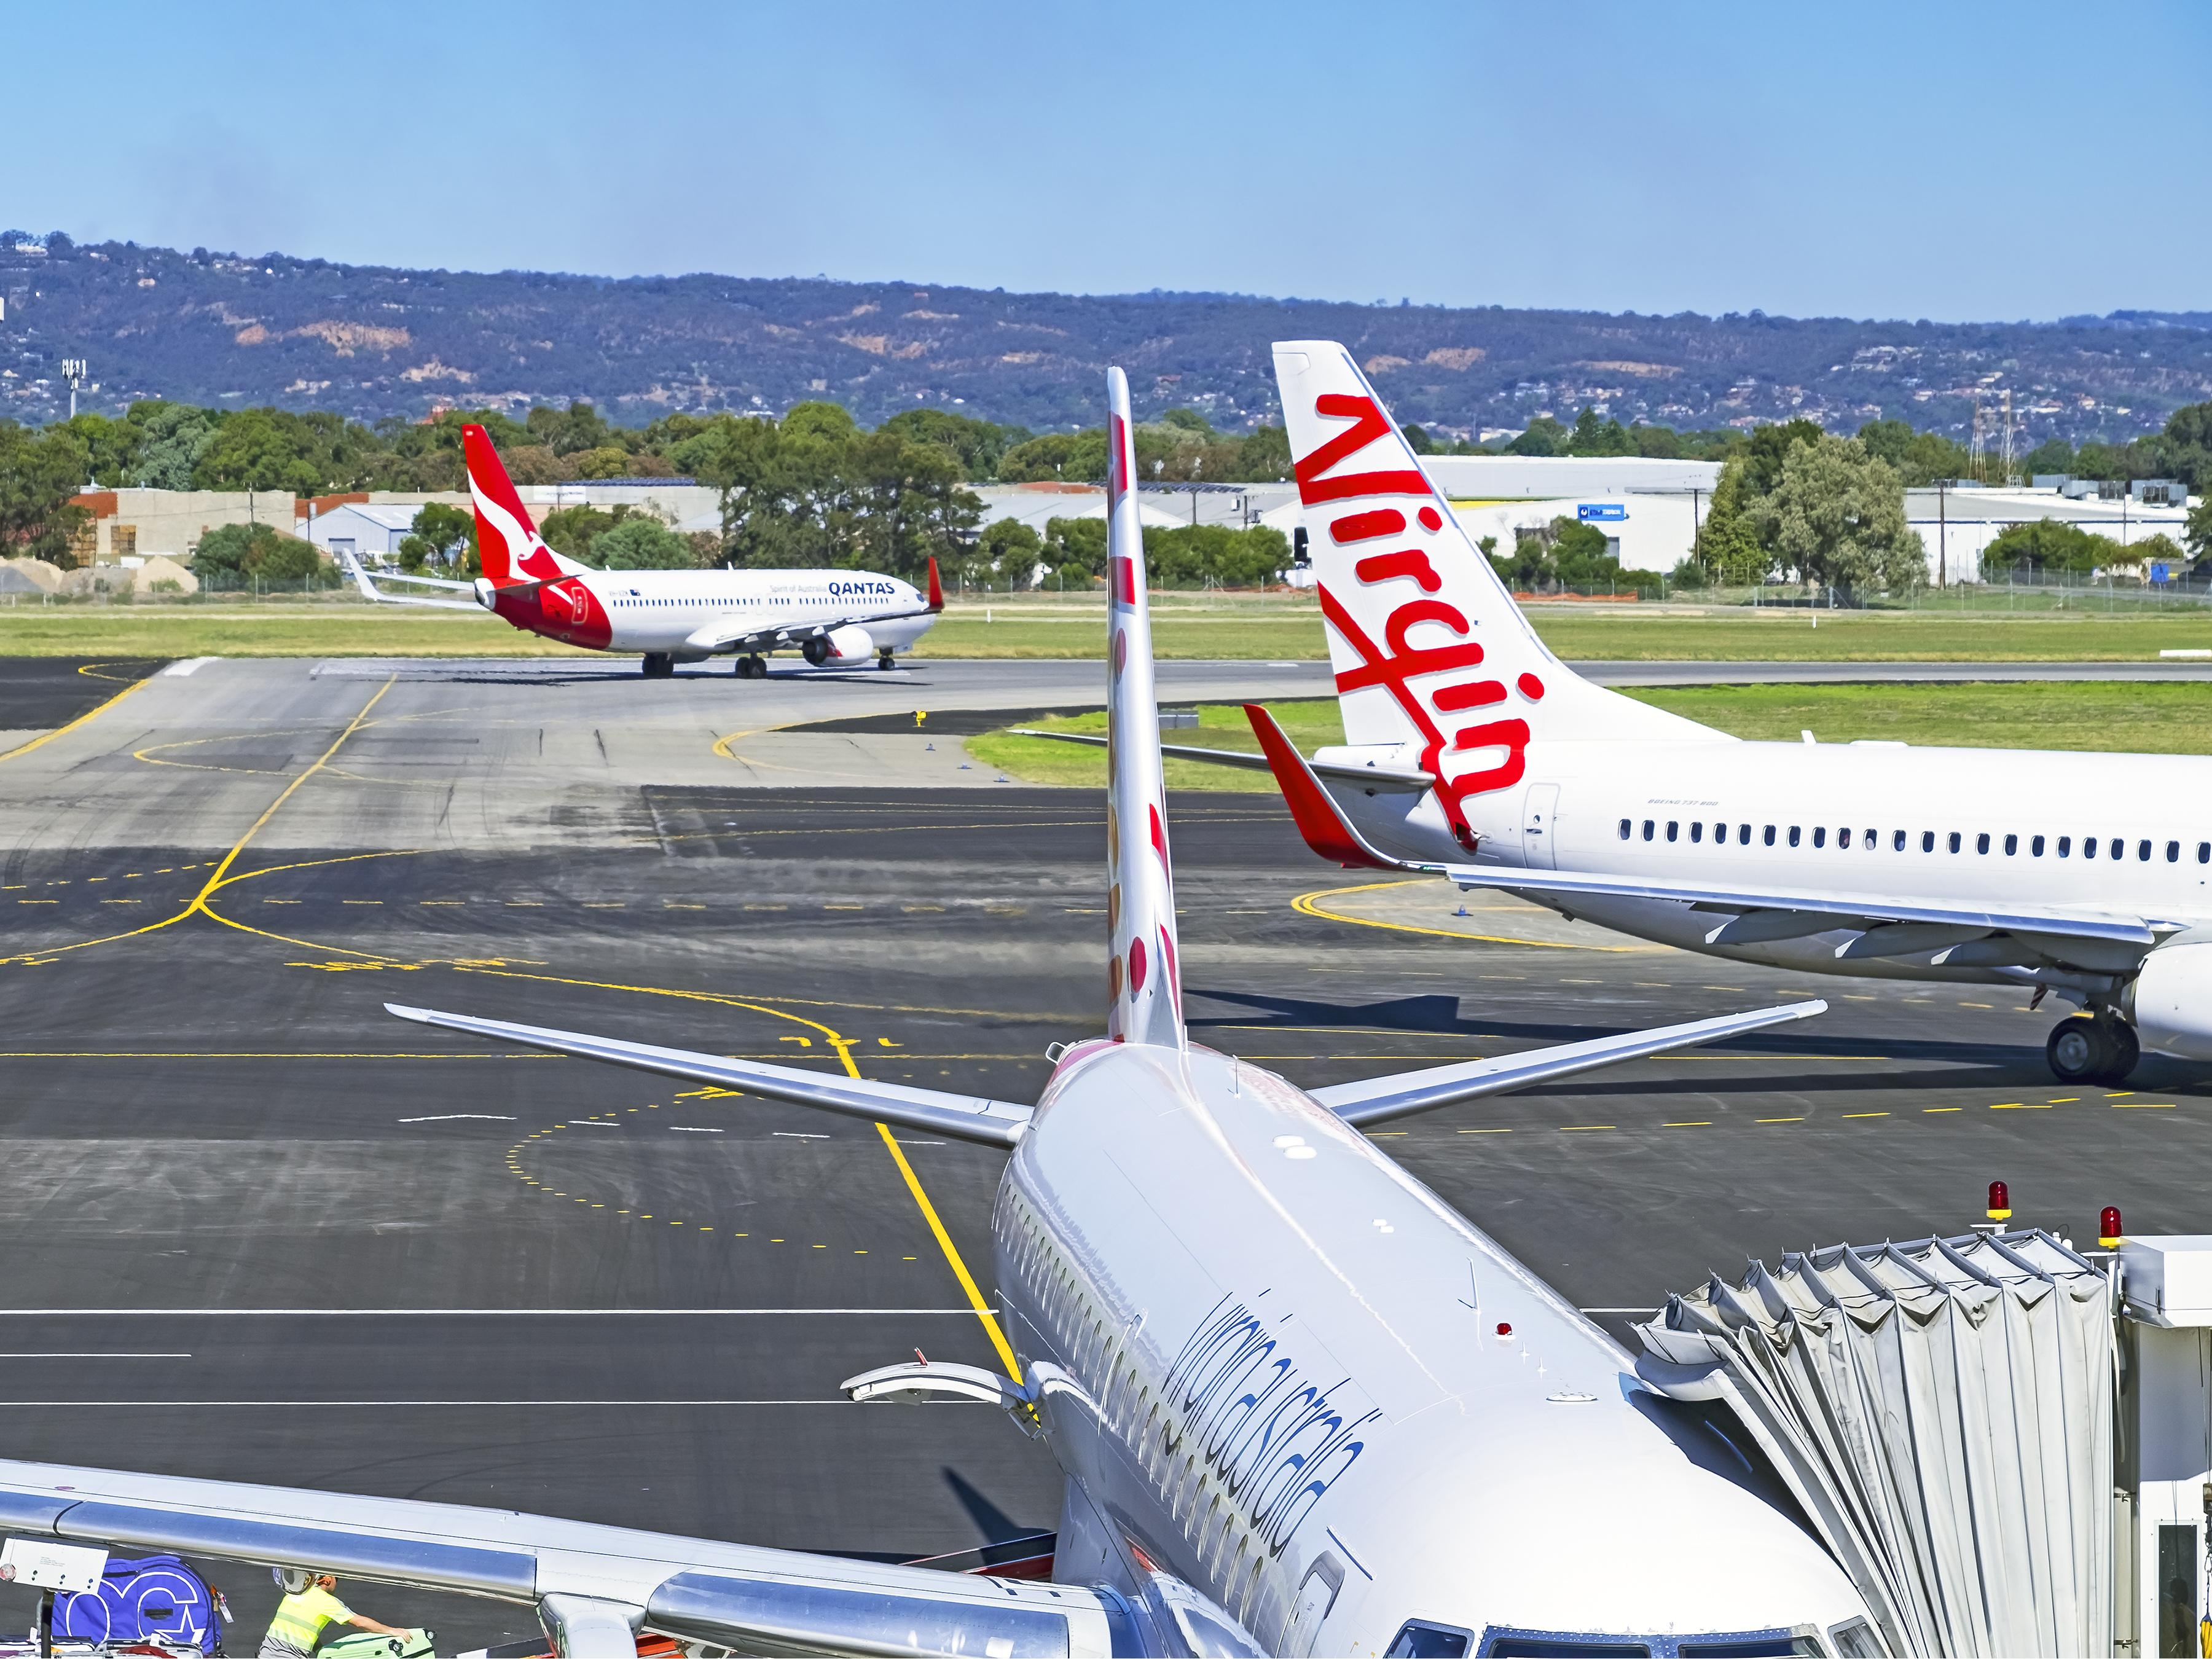 """Virgin mocks Qantas with """"Huge news"""" billboard – Travel Weekly"""